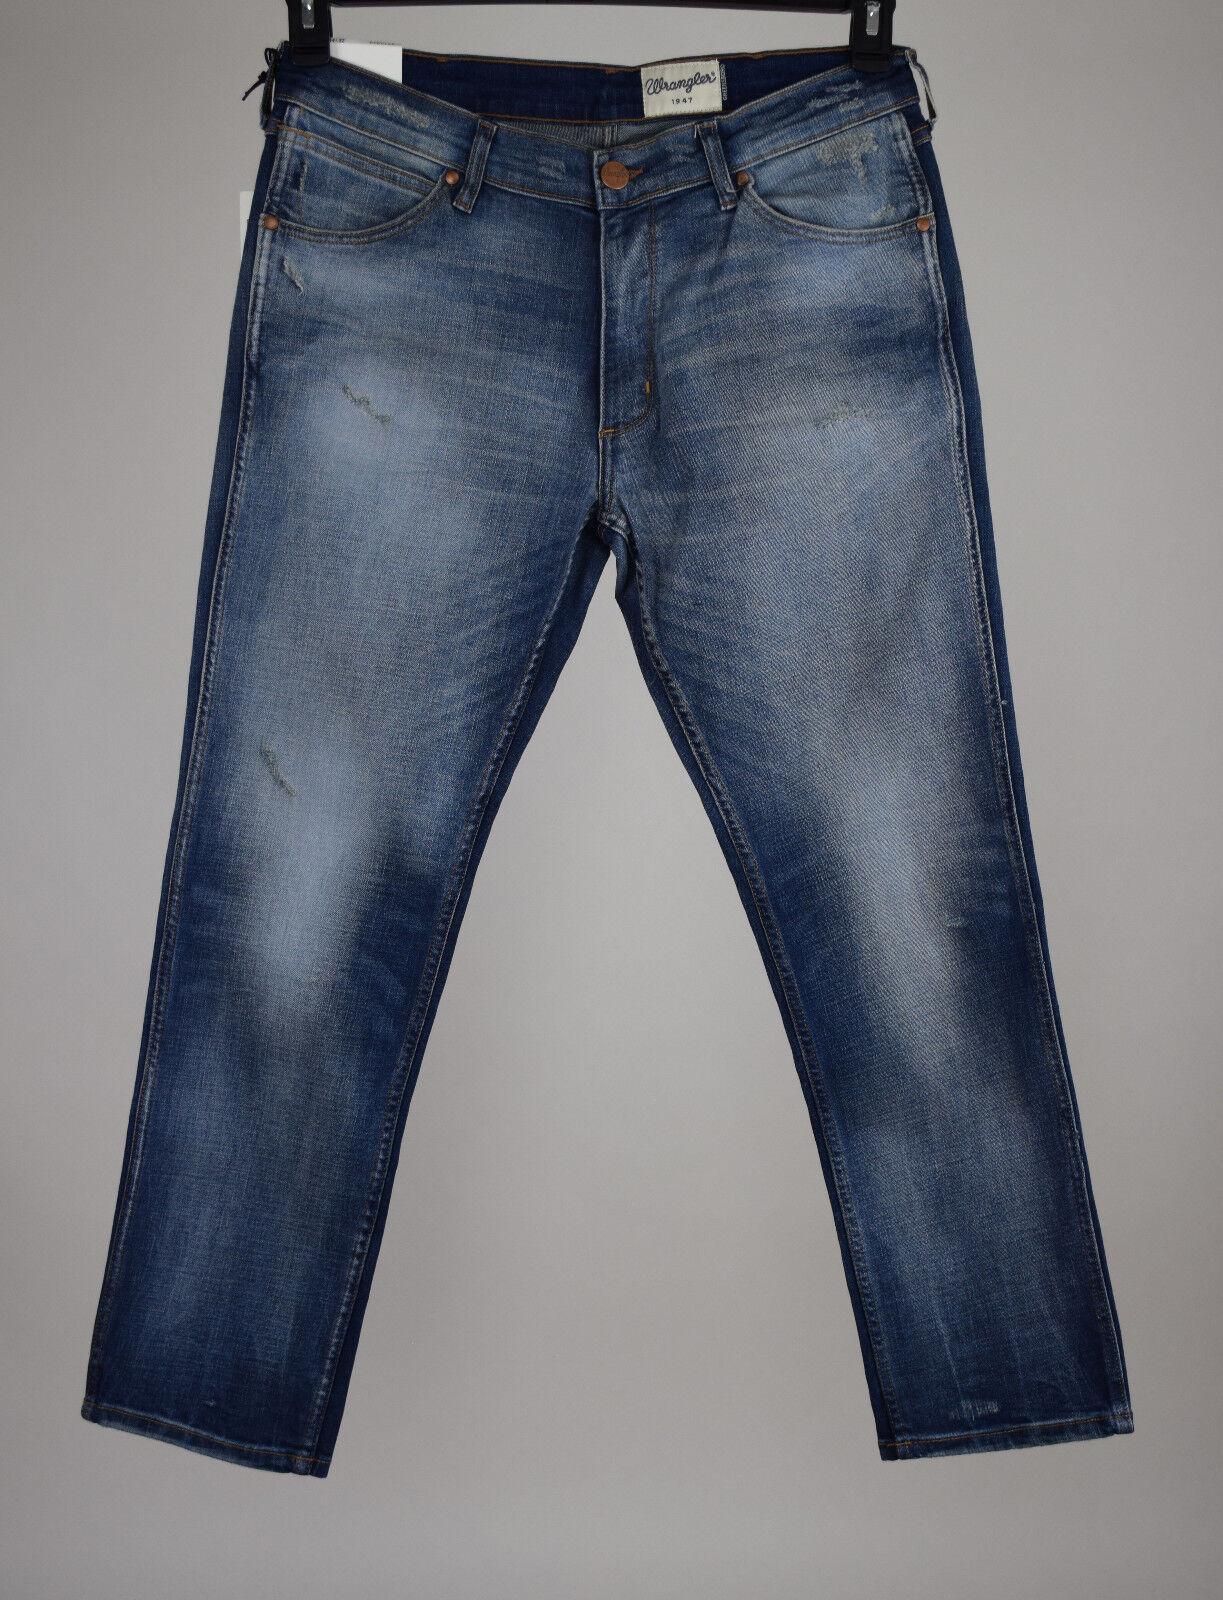 Wrangler Mens bluee Greensbgold Regular Fit Modern Straight Jeans 34x30 34X32